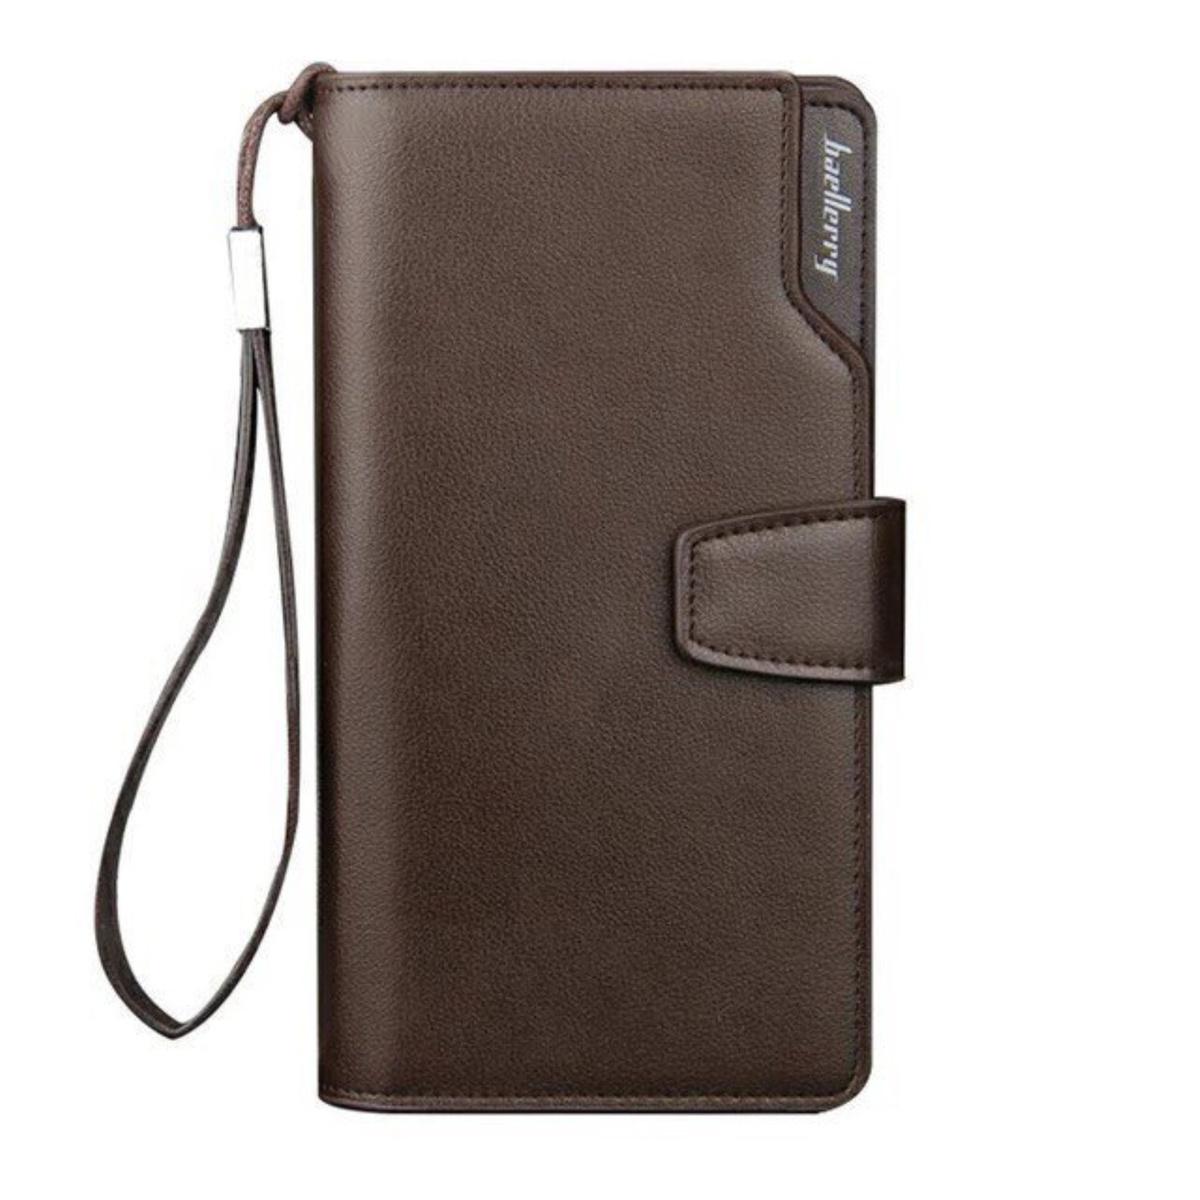 Мужской портмоне клатч кошелек на застежке Baellerry Коричневый